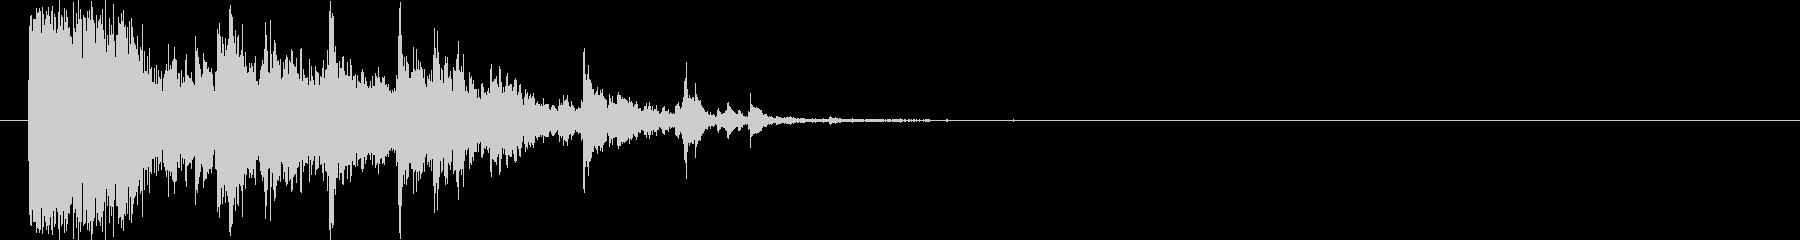 ガラス割れる-14の未再生の波形